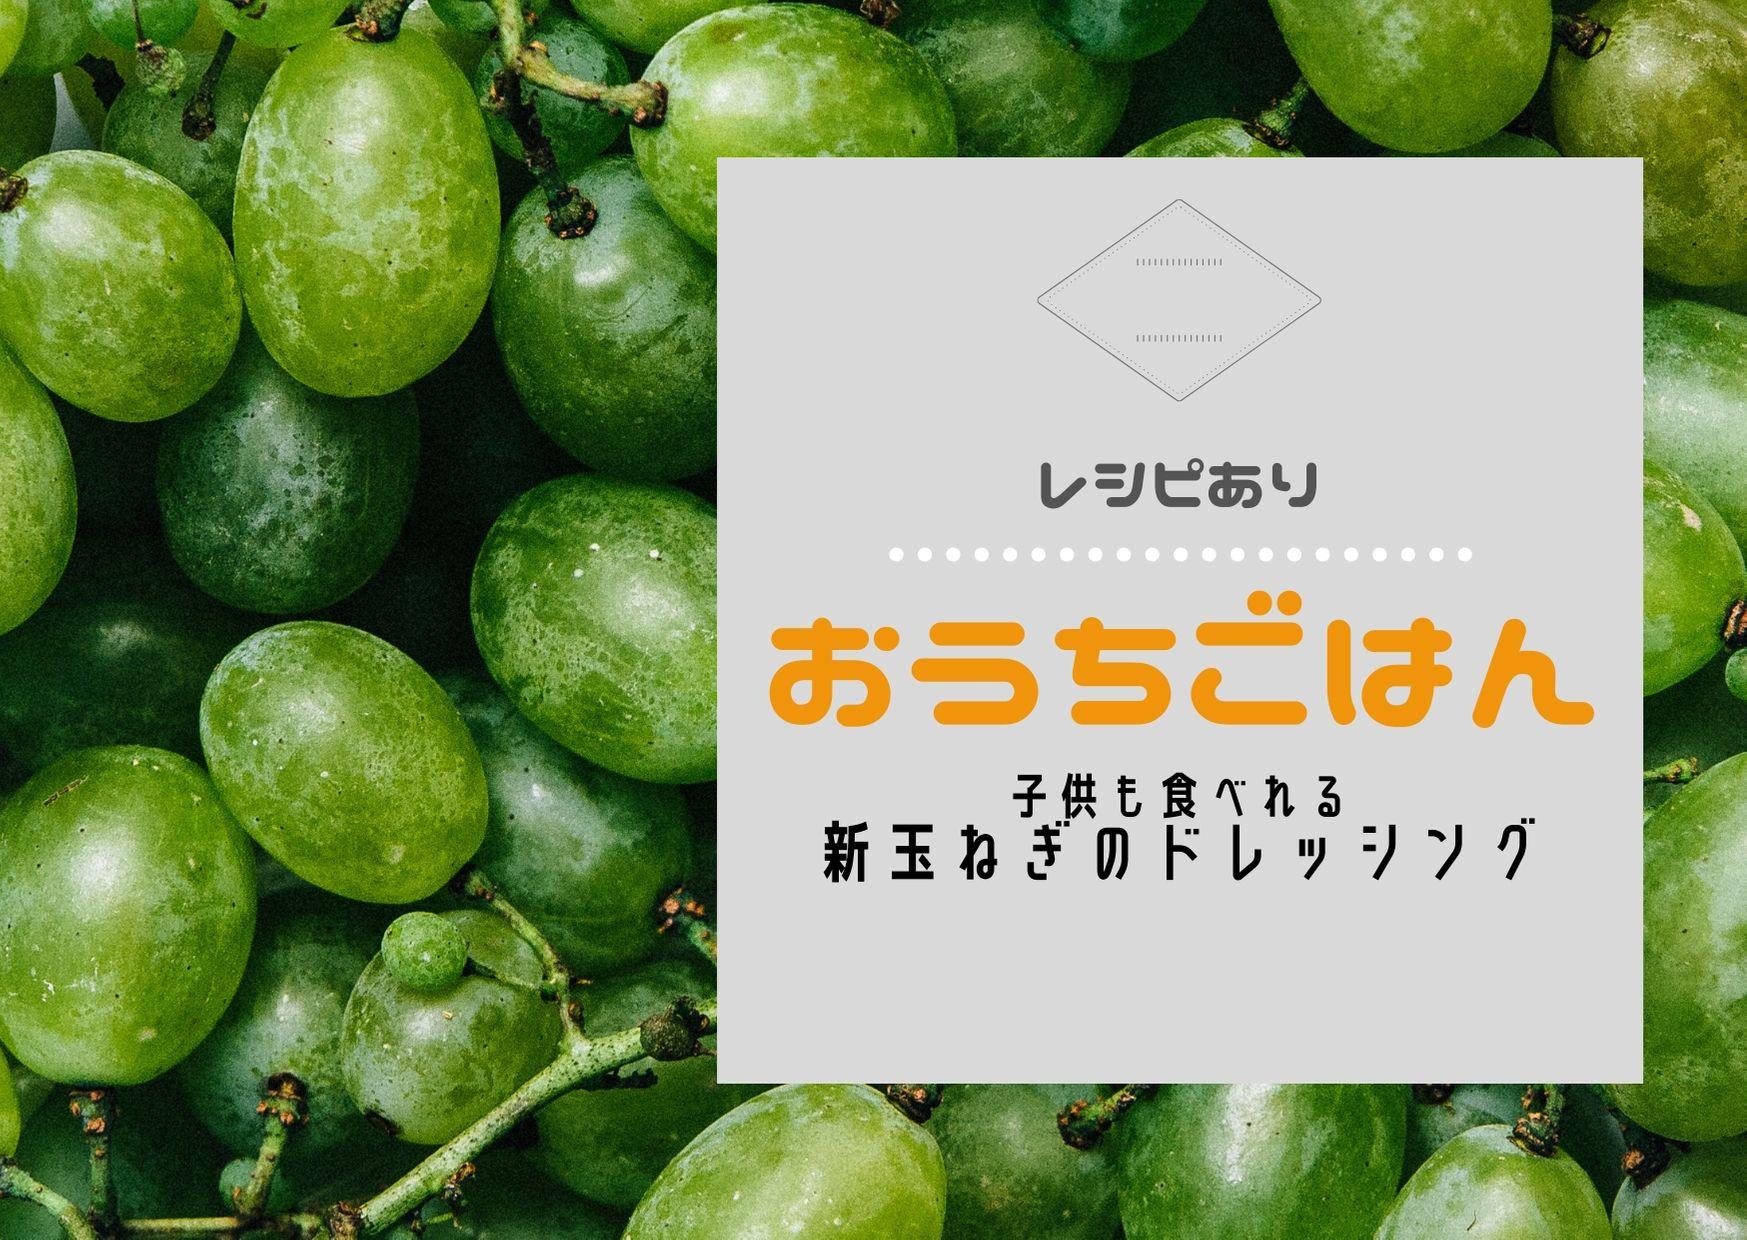 新玉ねぎドレッシングのレシピ付き記事